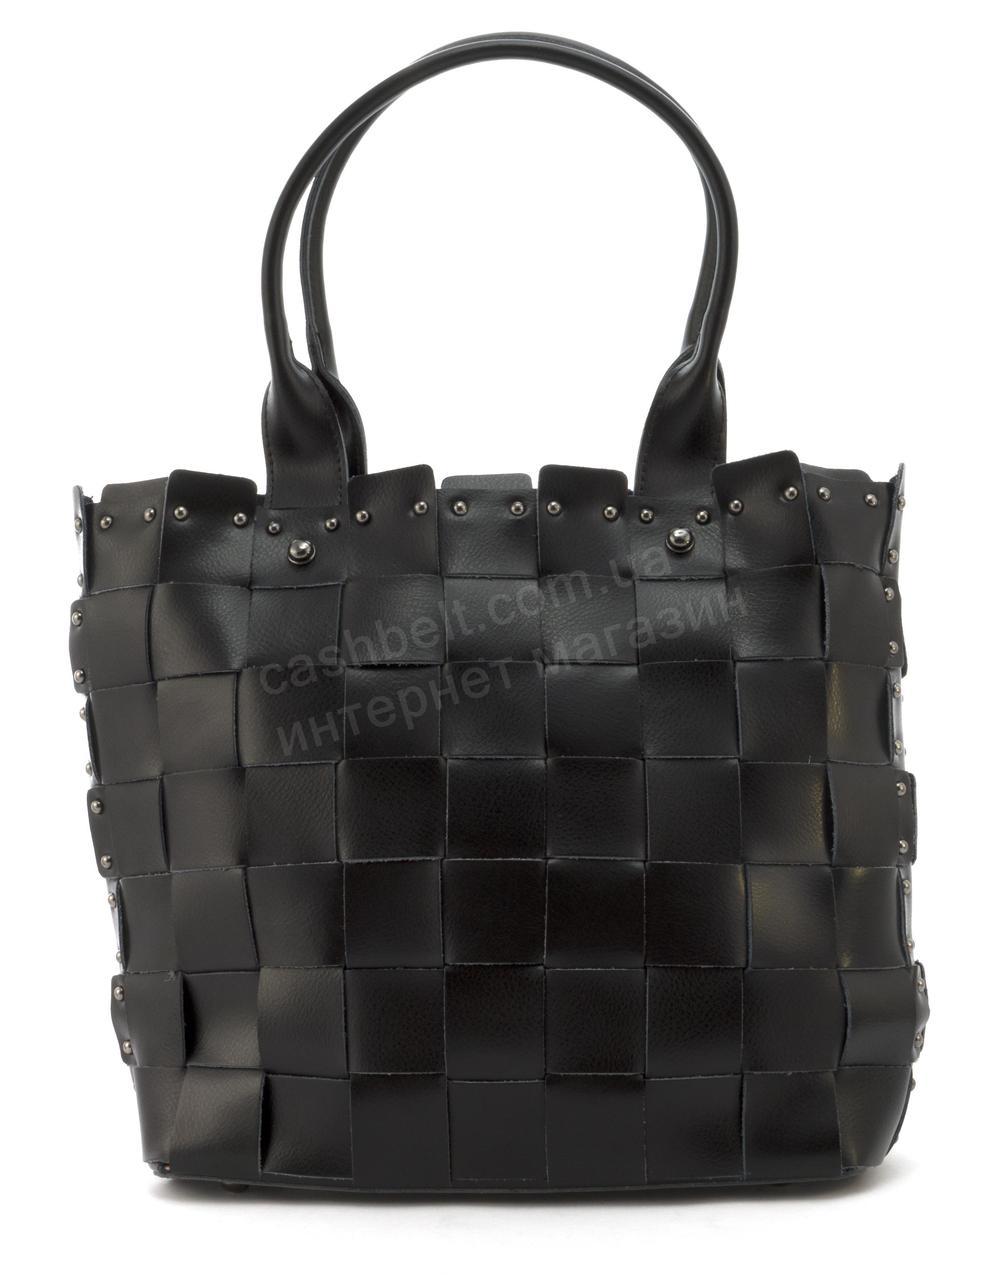 Містка стильна міцна шкіряні плетені жіноча сумка SARA art. 16213 чорний Туреччина